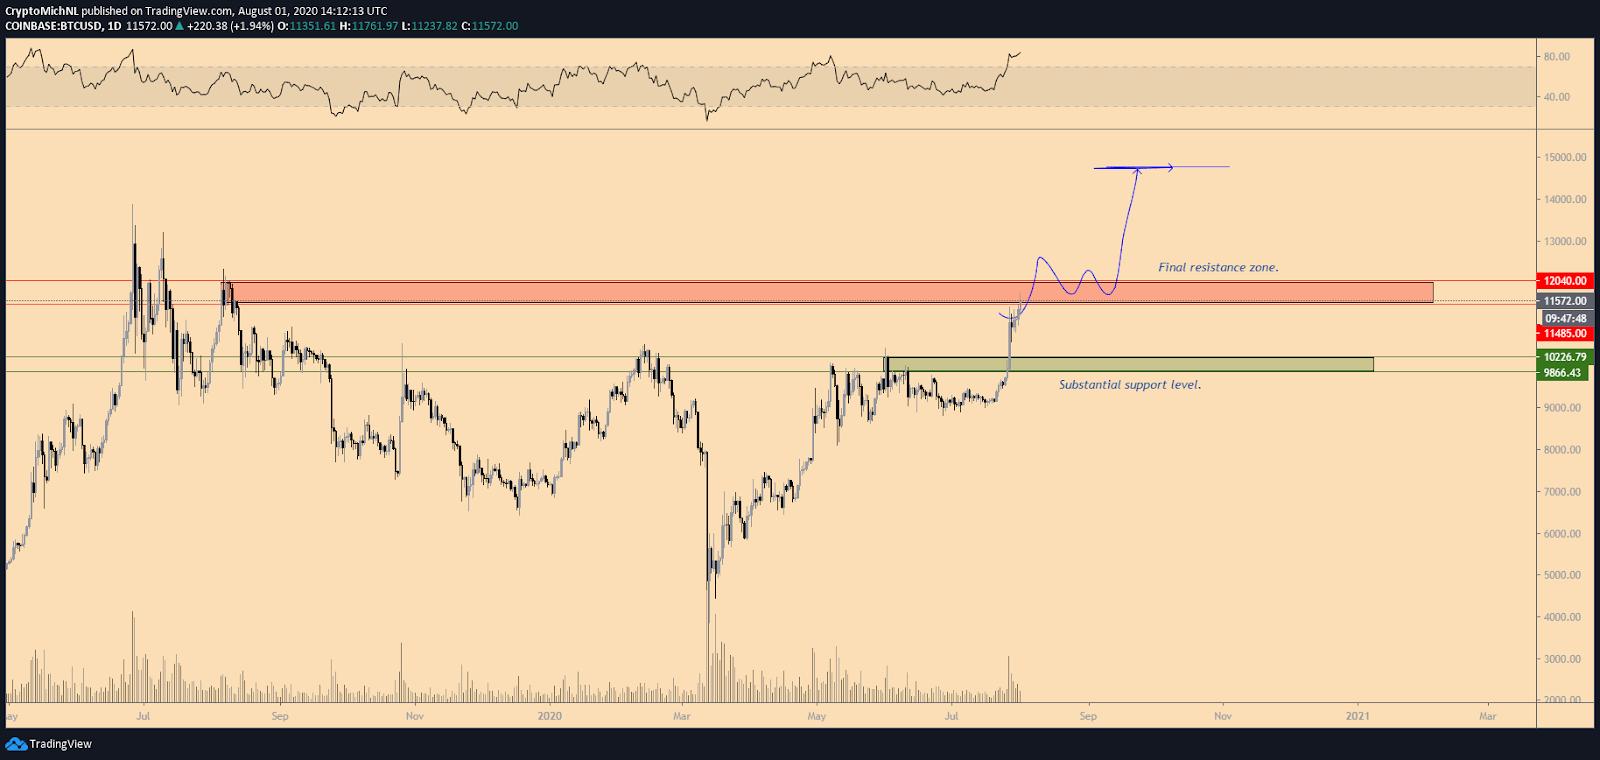 BTC/USD 1-day bullish scenario chart